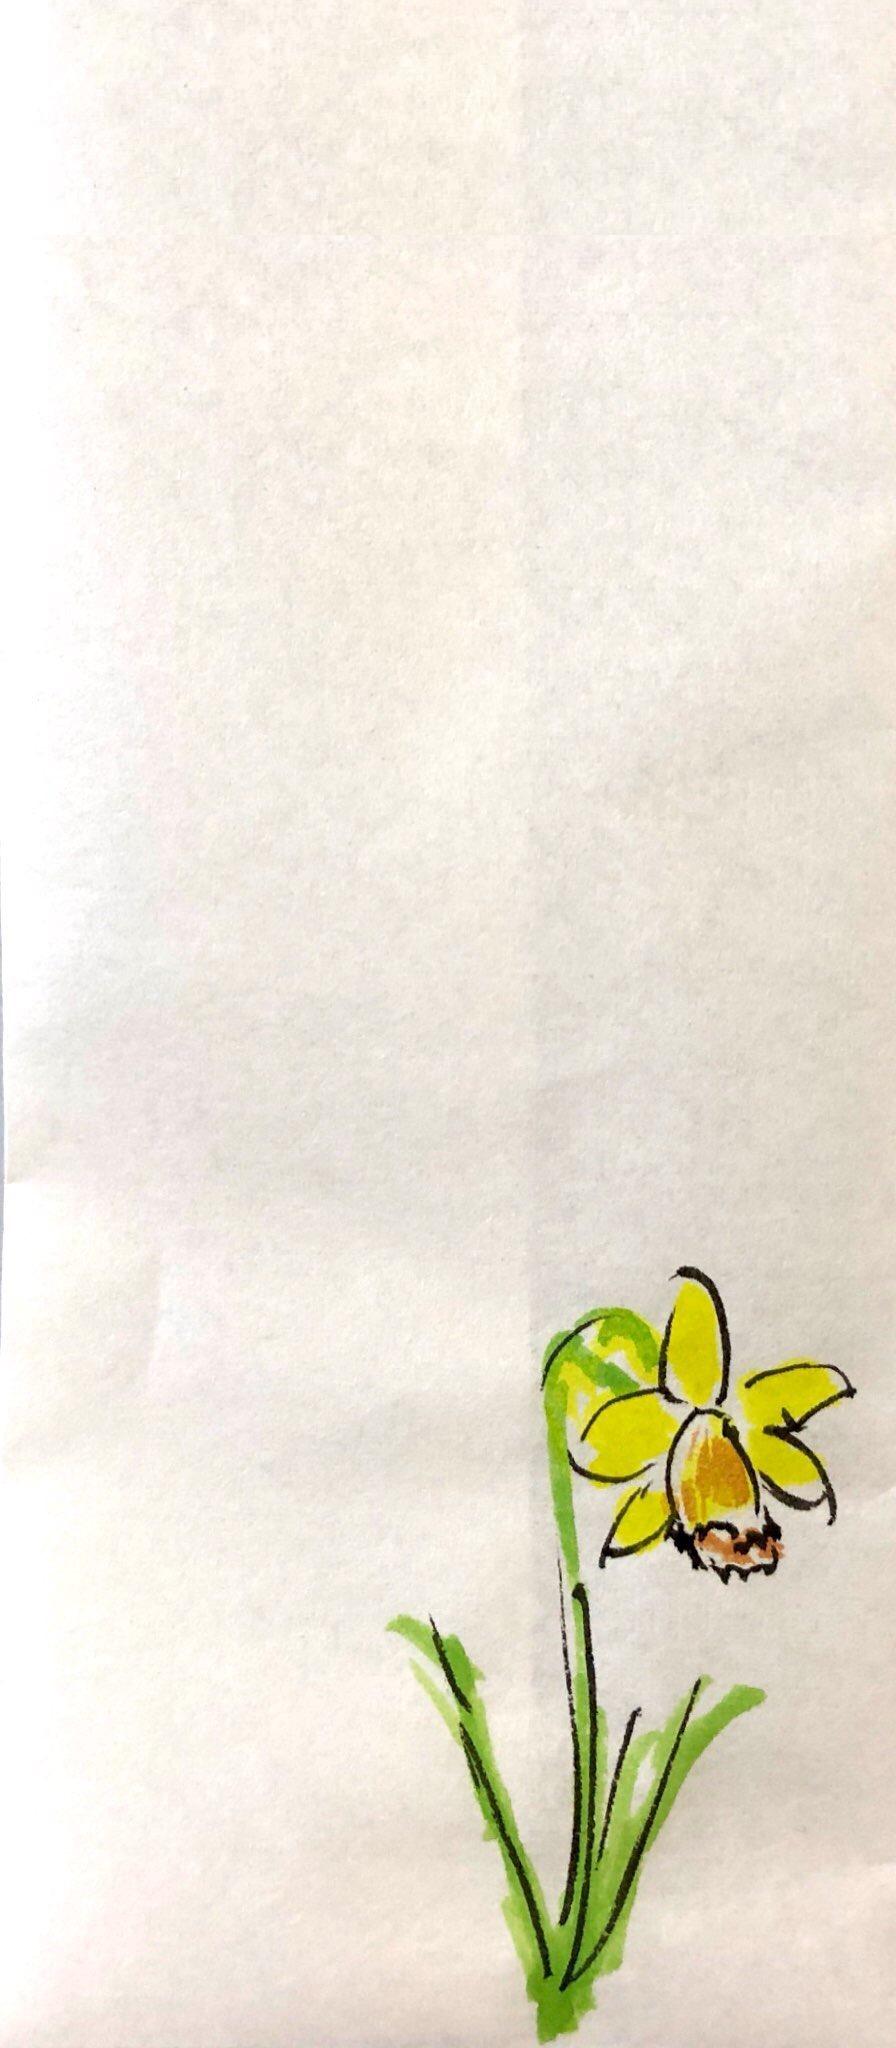 黄水仙の花